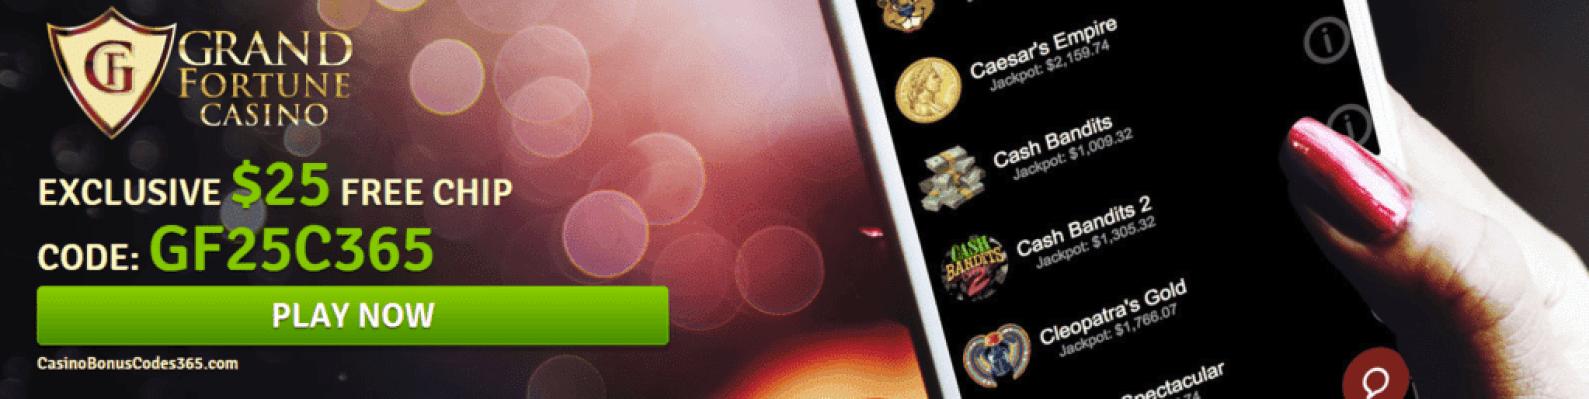 Grand Fortune Casino Exclusive No Deposit Bonus $25 FREE Chip